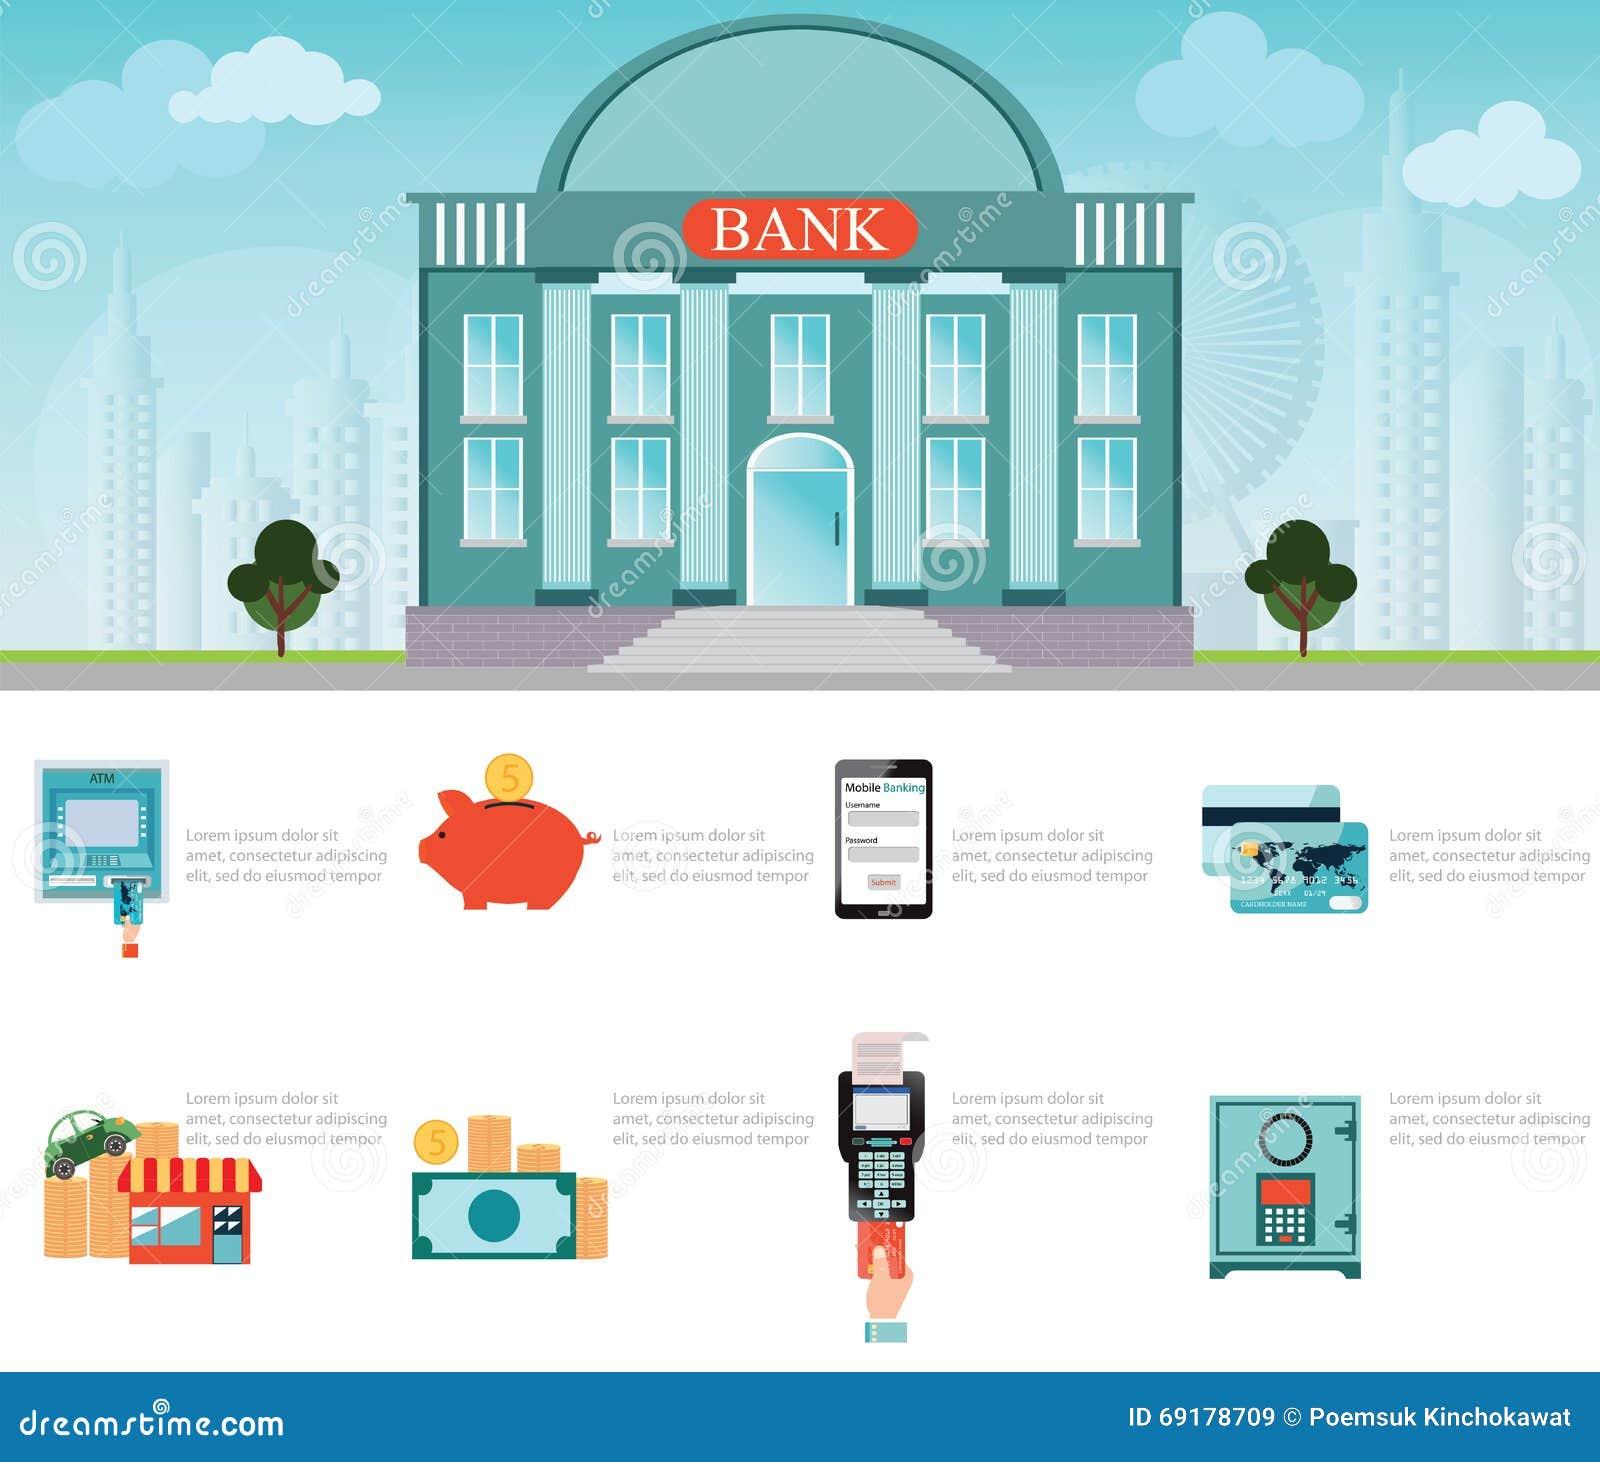 Edificio de banco exterior en paisaje urbano ilustraci n for Pagina del banco exterior